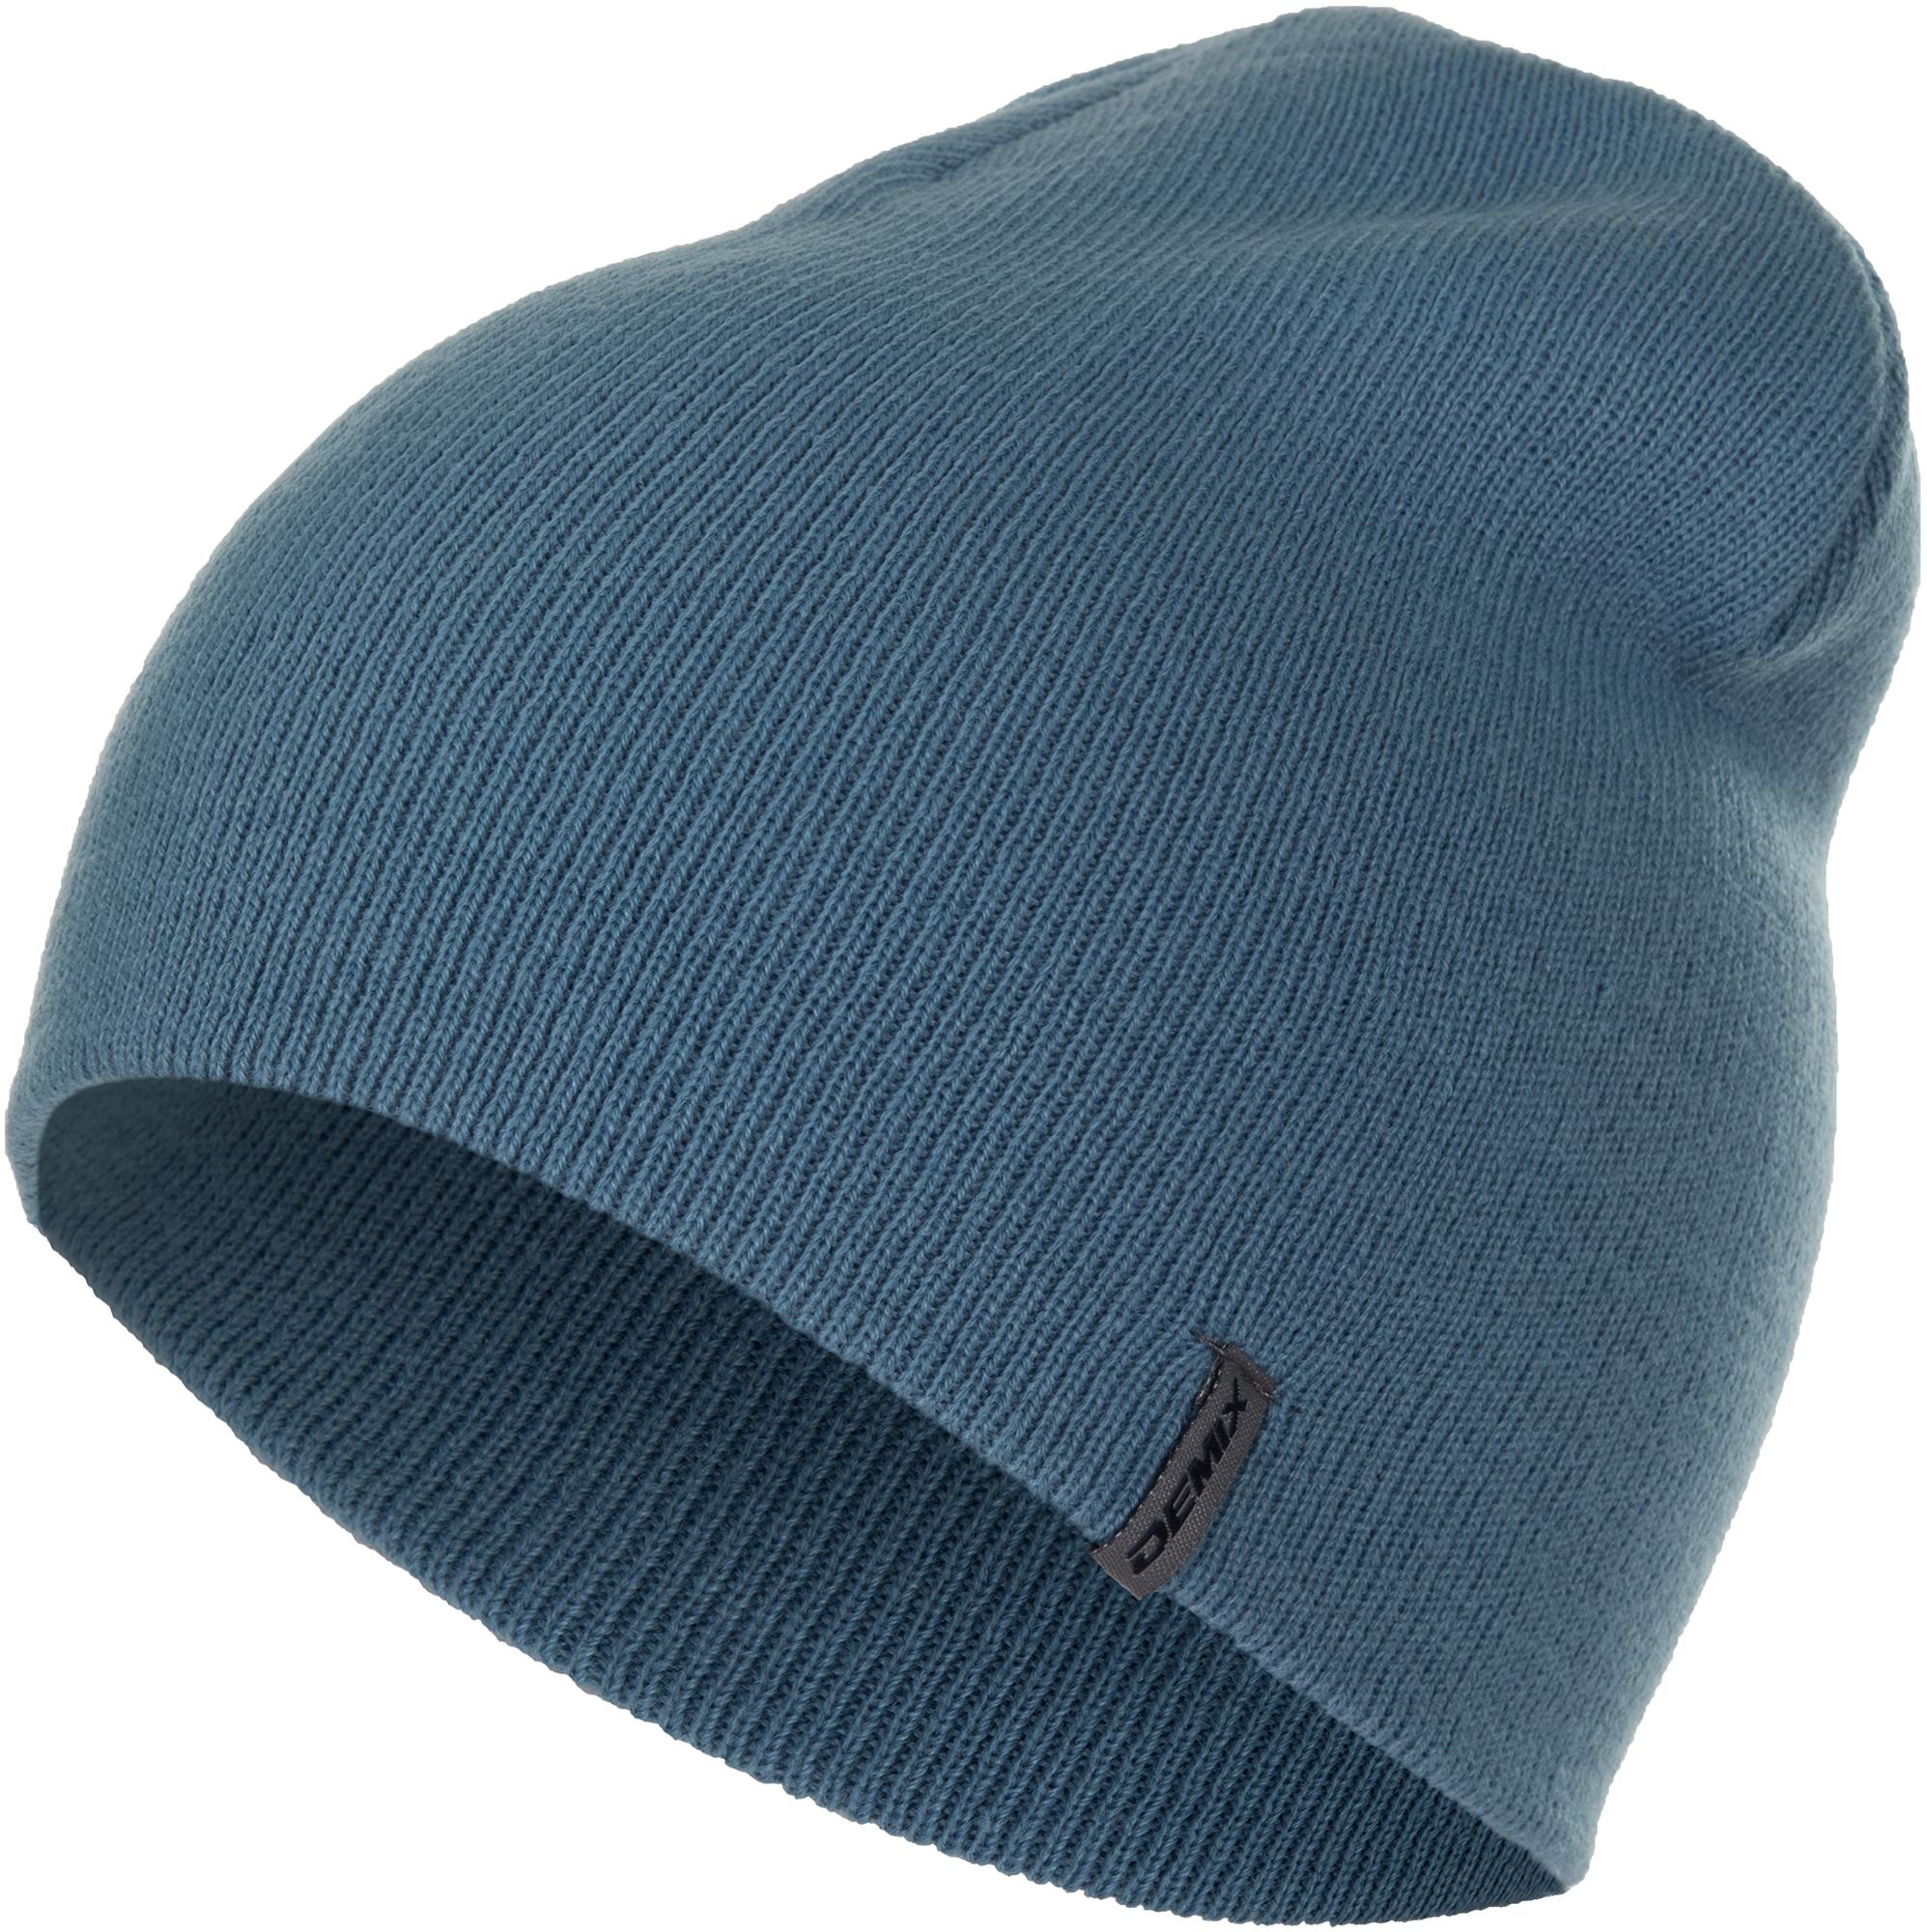 Demix Шапка для мальчиков Demix, размер 54-56 demix шапка для девочек demix размер 54